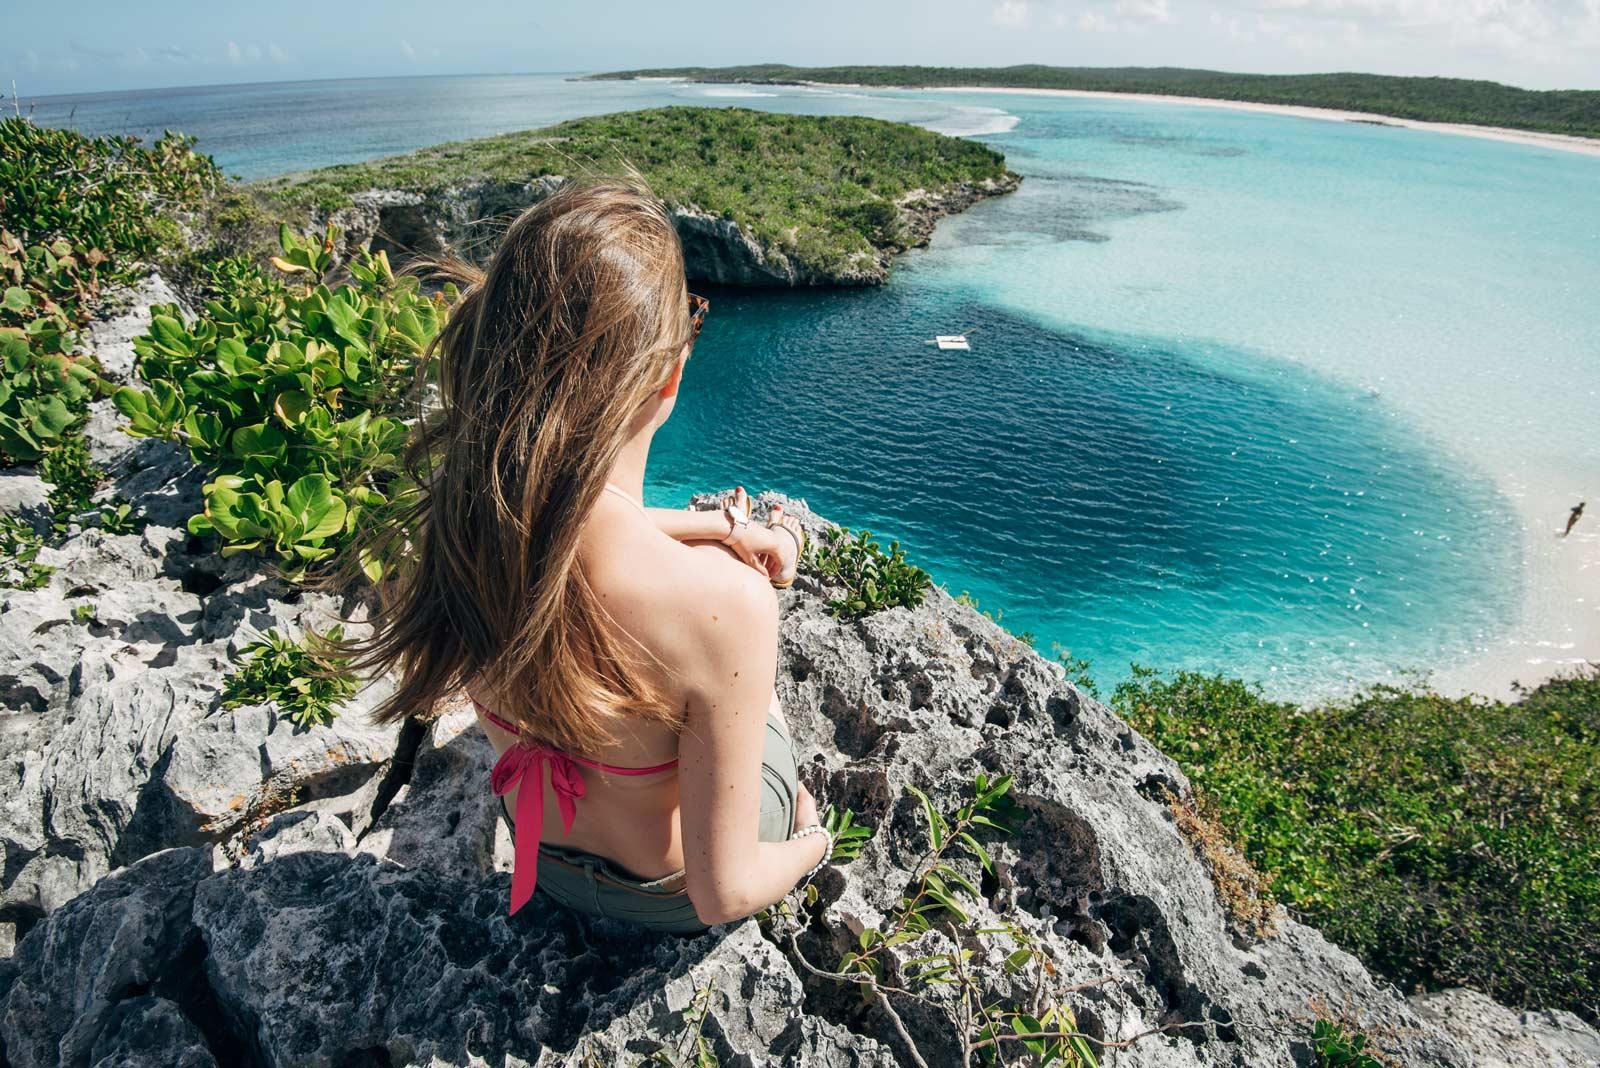 que voir aux bahamas?